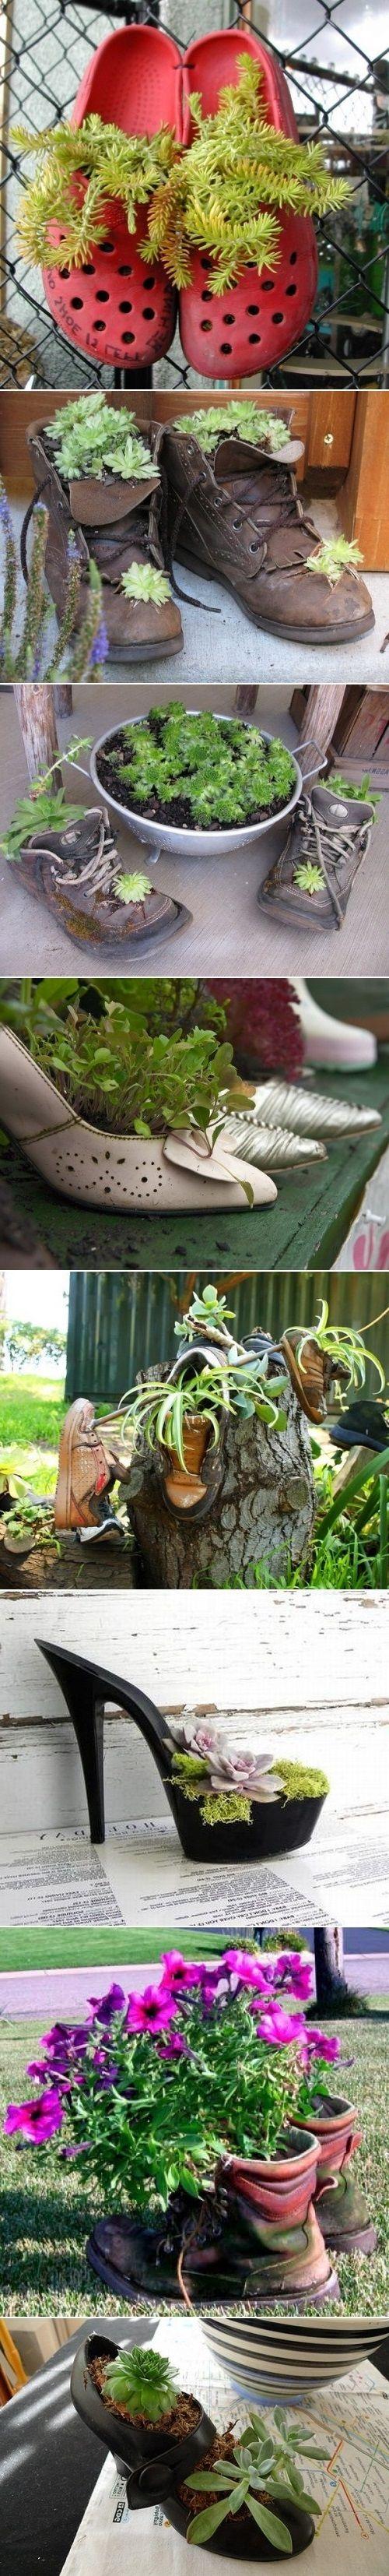 Alte Schuhe Zum Bepflanzen ? | Pinteres? Alte Schuhe Bepflanzen Originelle Pflanzgefase Garten